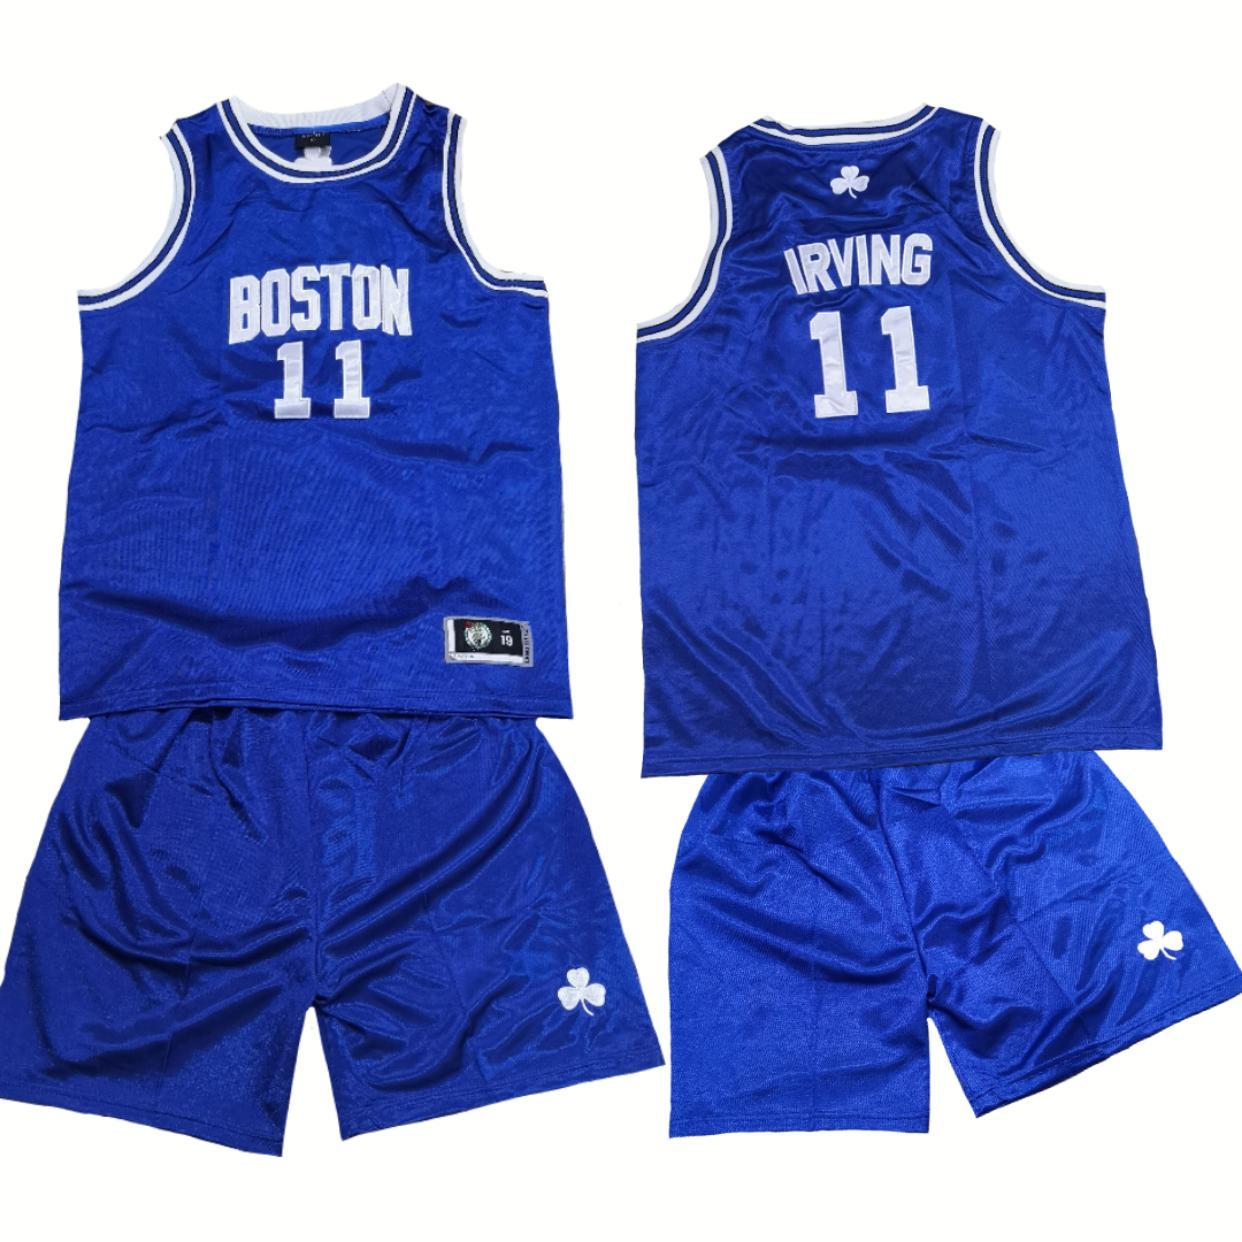 best sneakers 9f90b 5355d ... nba jersey set for kids boston 11 irving royal blue  nba jersey set for  kids boston 11 irving royal blue  detroit pistons 40 bill ...